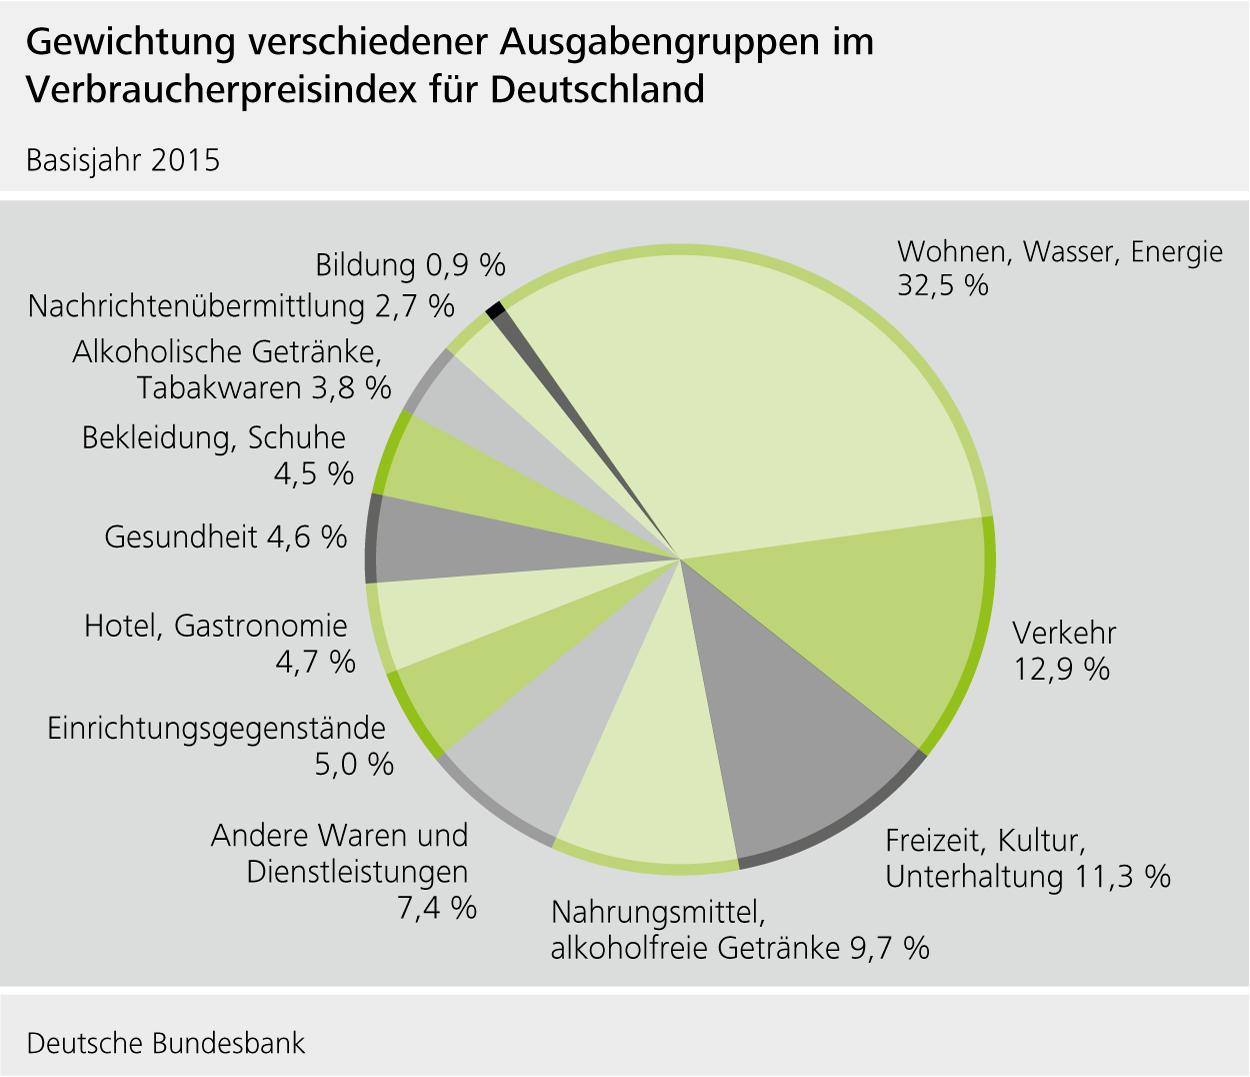 Gewichtung der 12 Kategorien im Verbraucherindex für Deutschland (Basisjahr 2015)